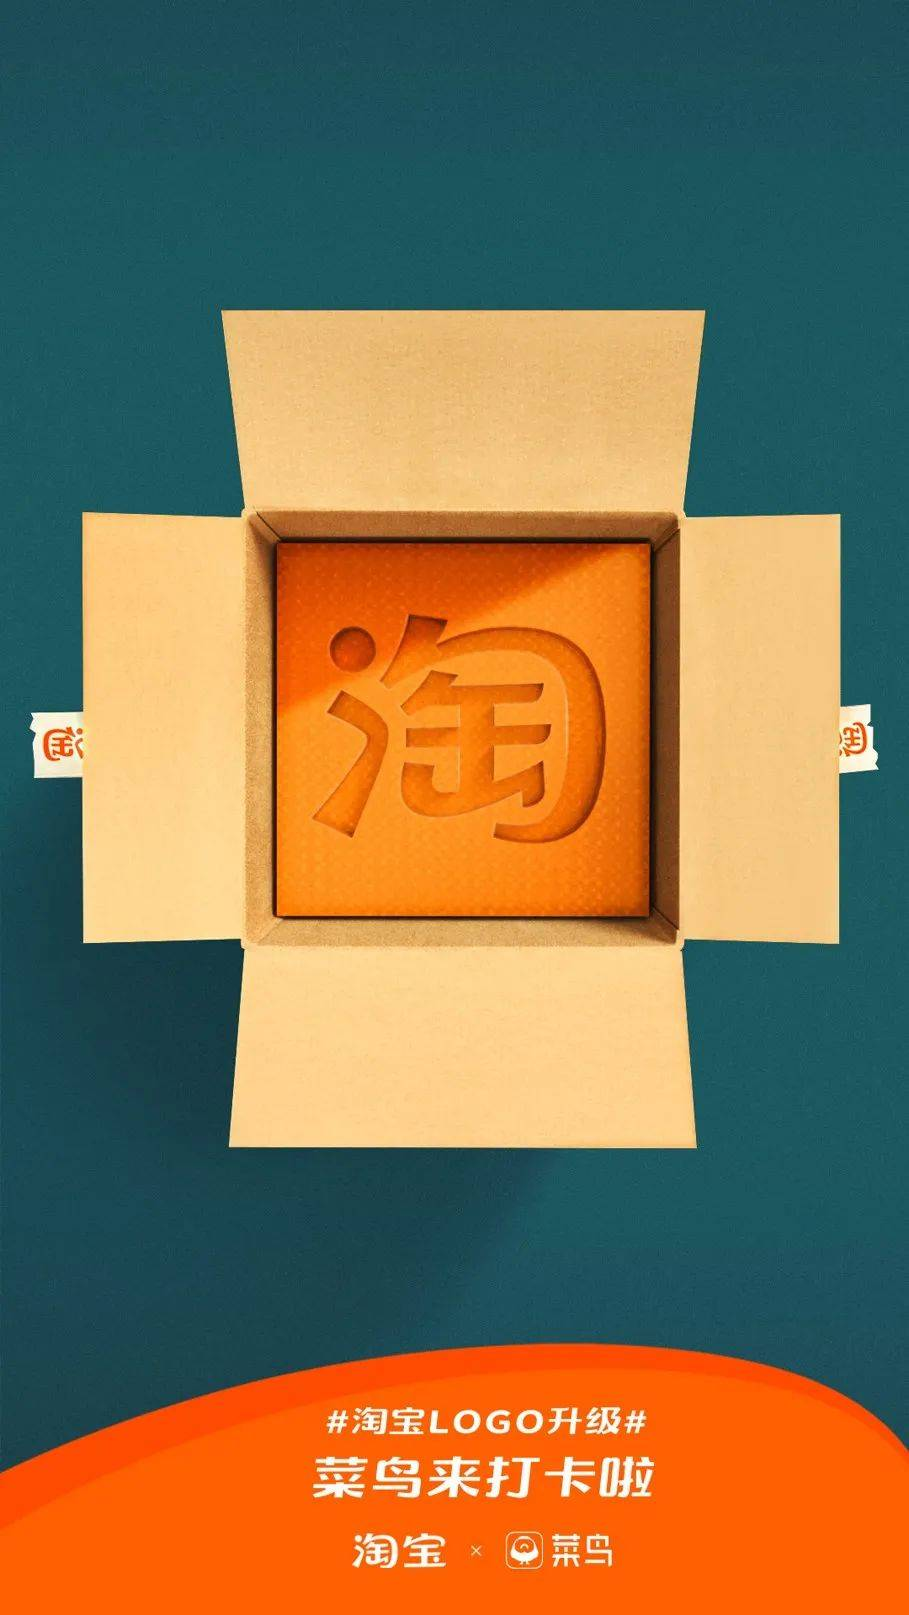 鸟哥笔记,创意广告,广告文案,Logo设计,分析,广告,创意